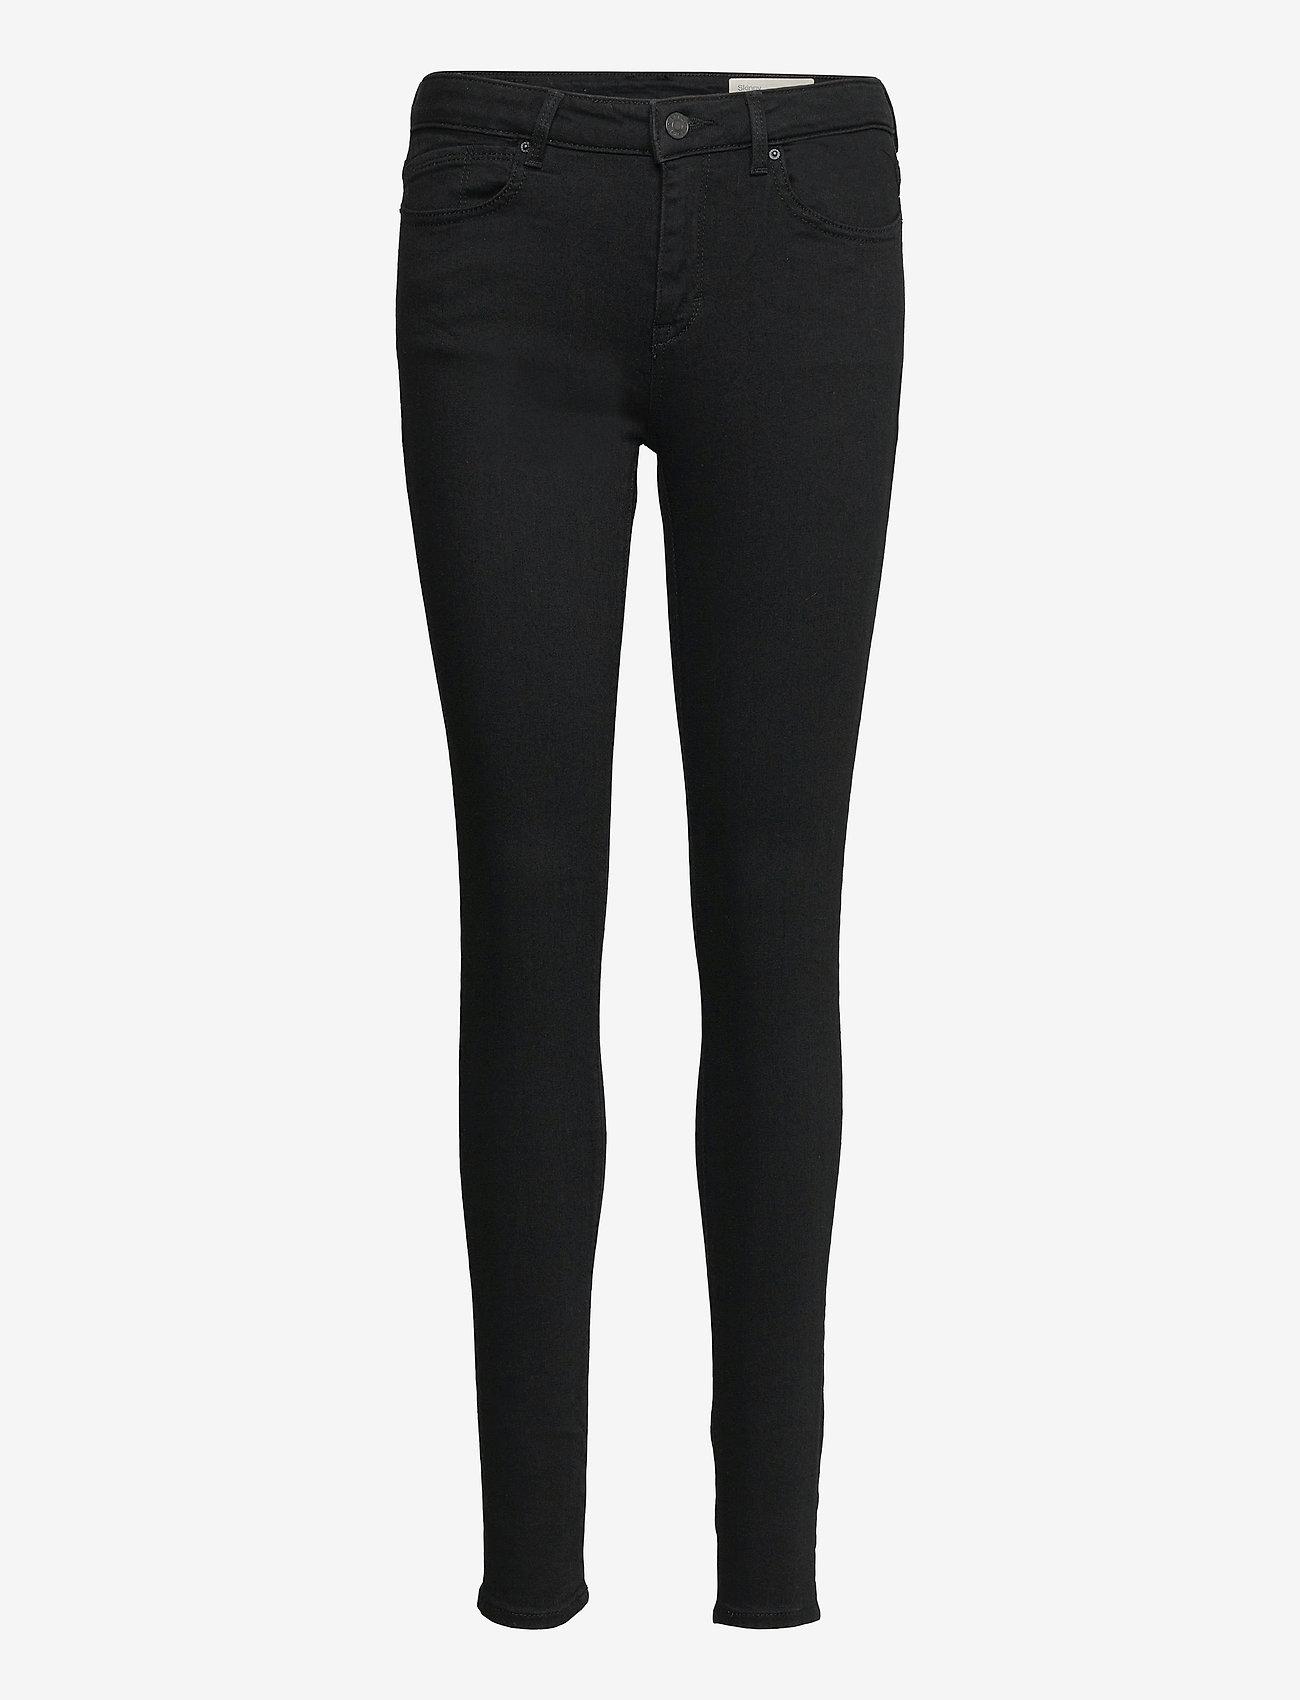 Esprit Casual - Pants denim - skinny jeans - black rinse - 0